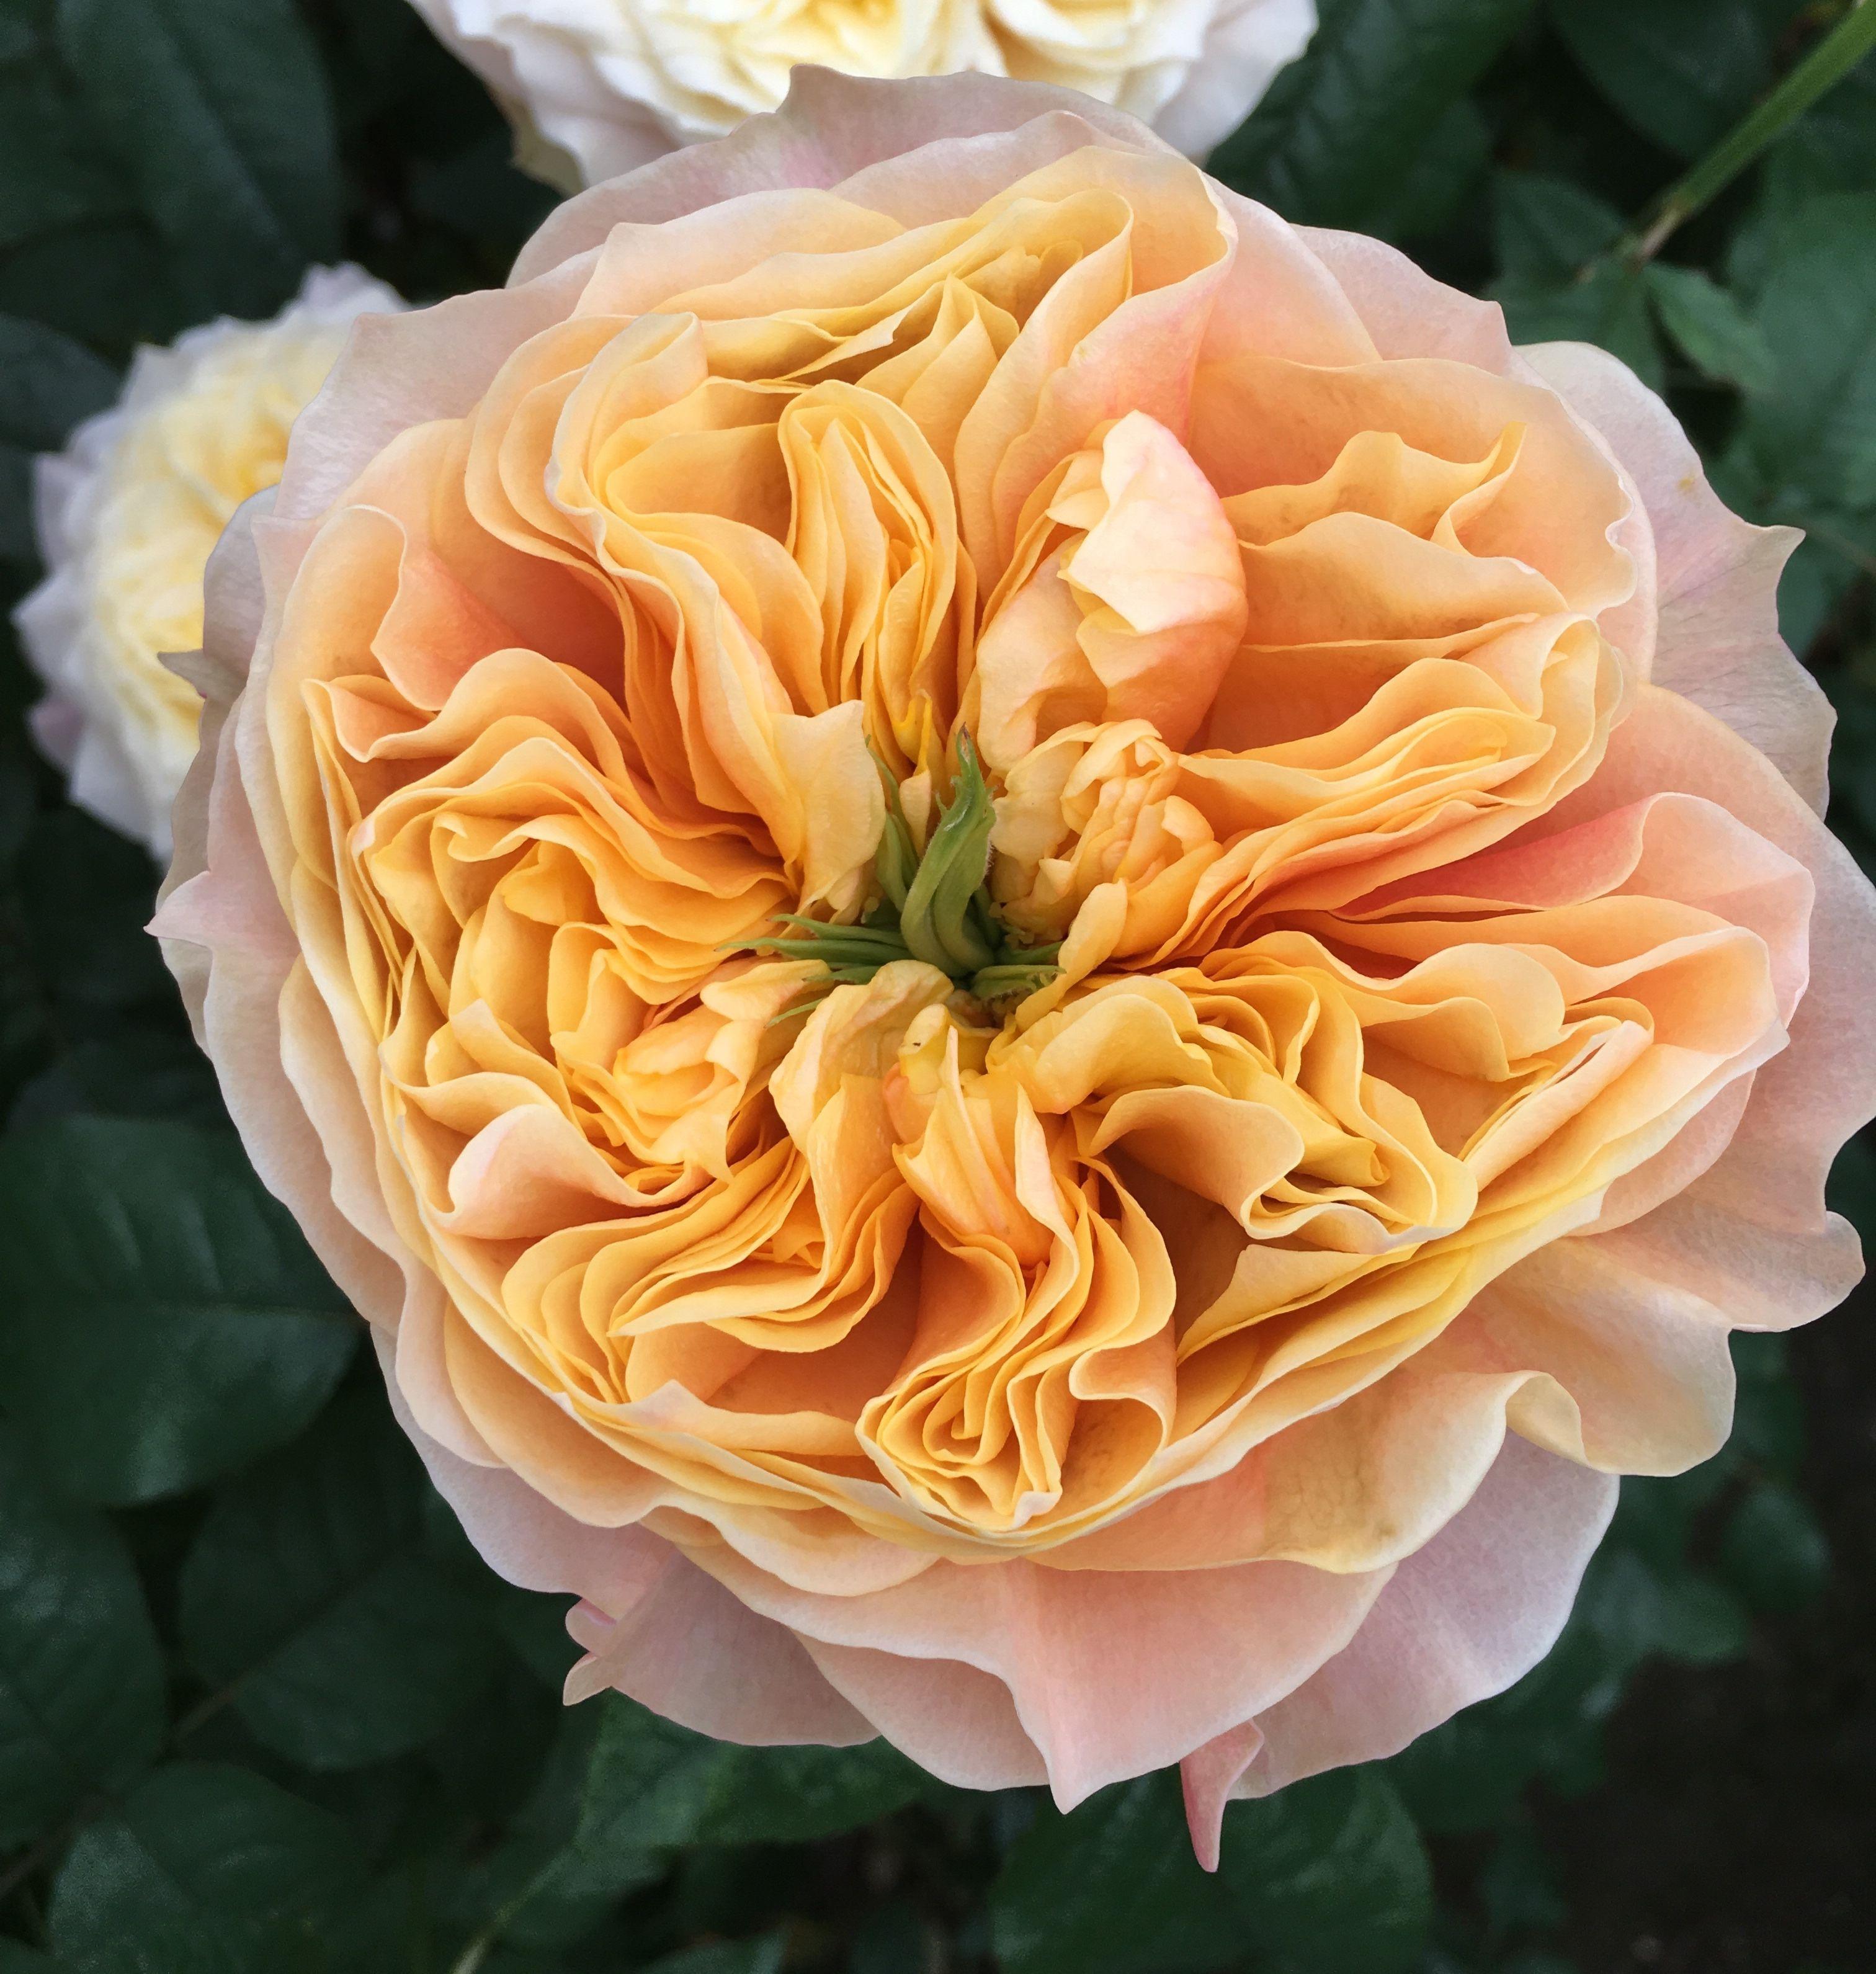 Kensington Gardens Schreurs  flowers  Pinterest